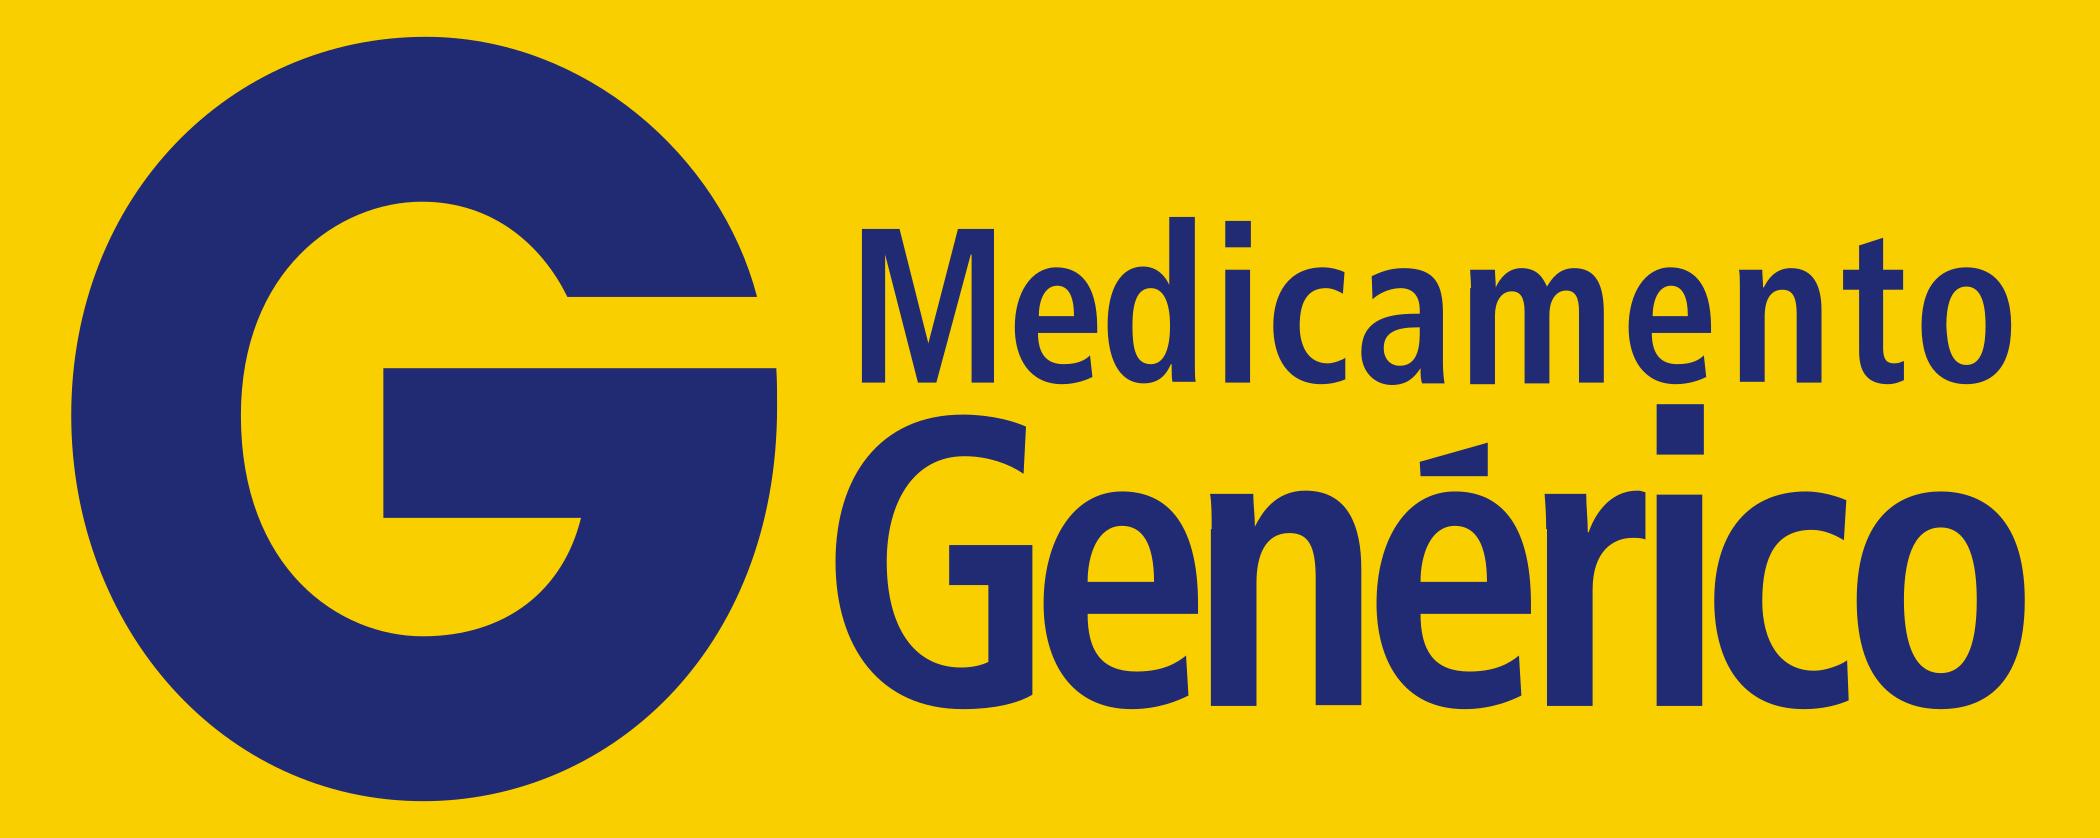 medicamento generico logo 3 - Genérico Logo - Medicamento Genérico Logo